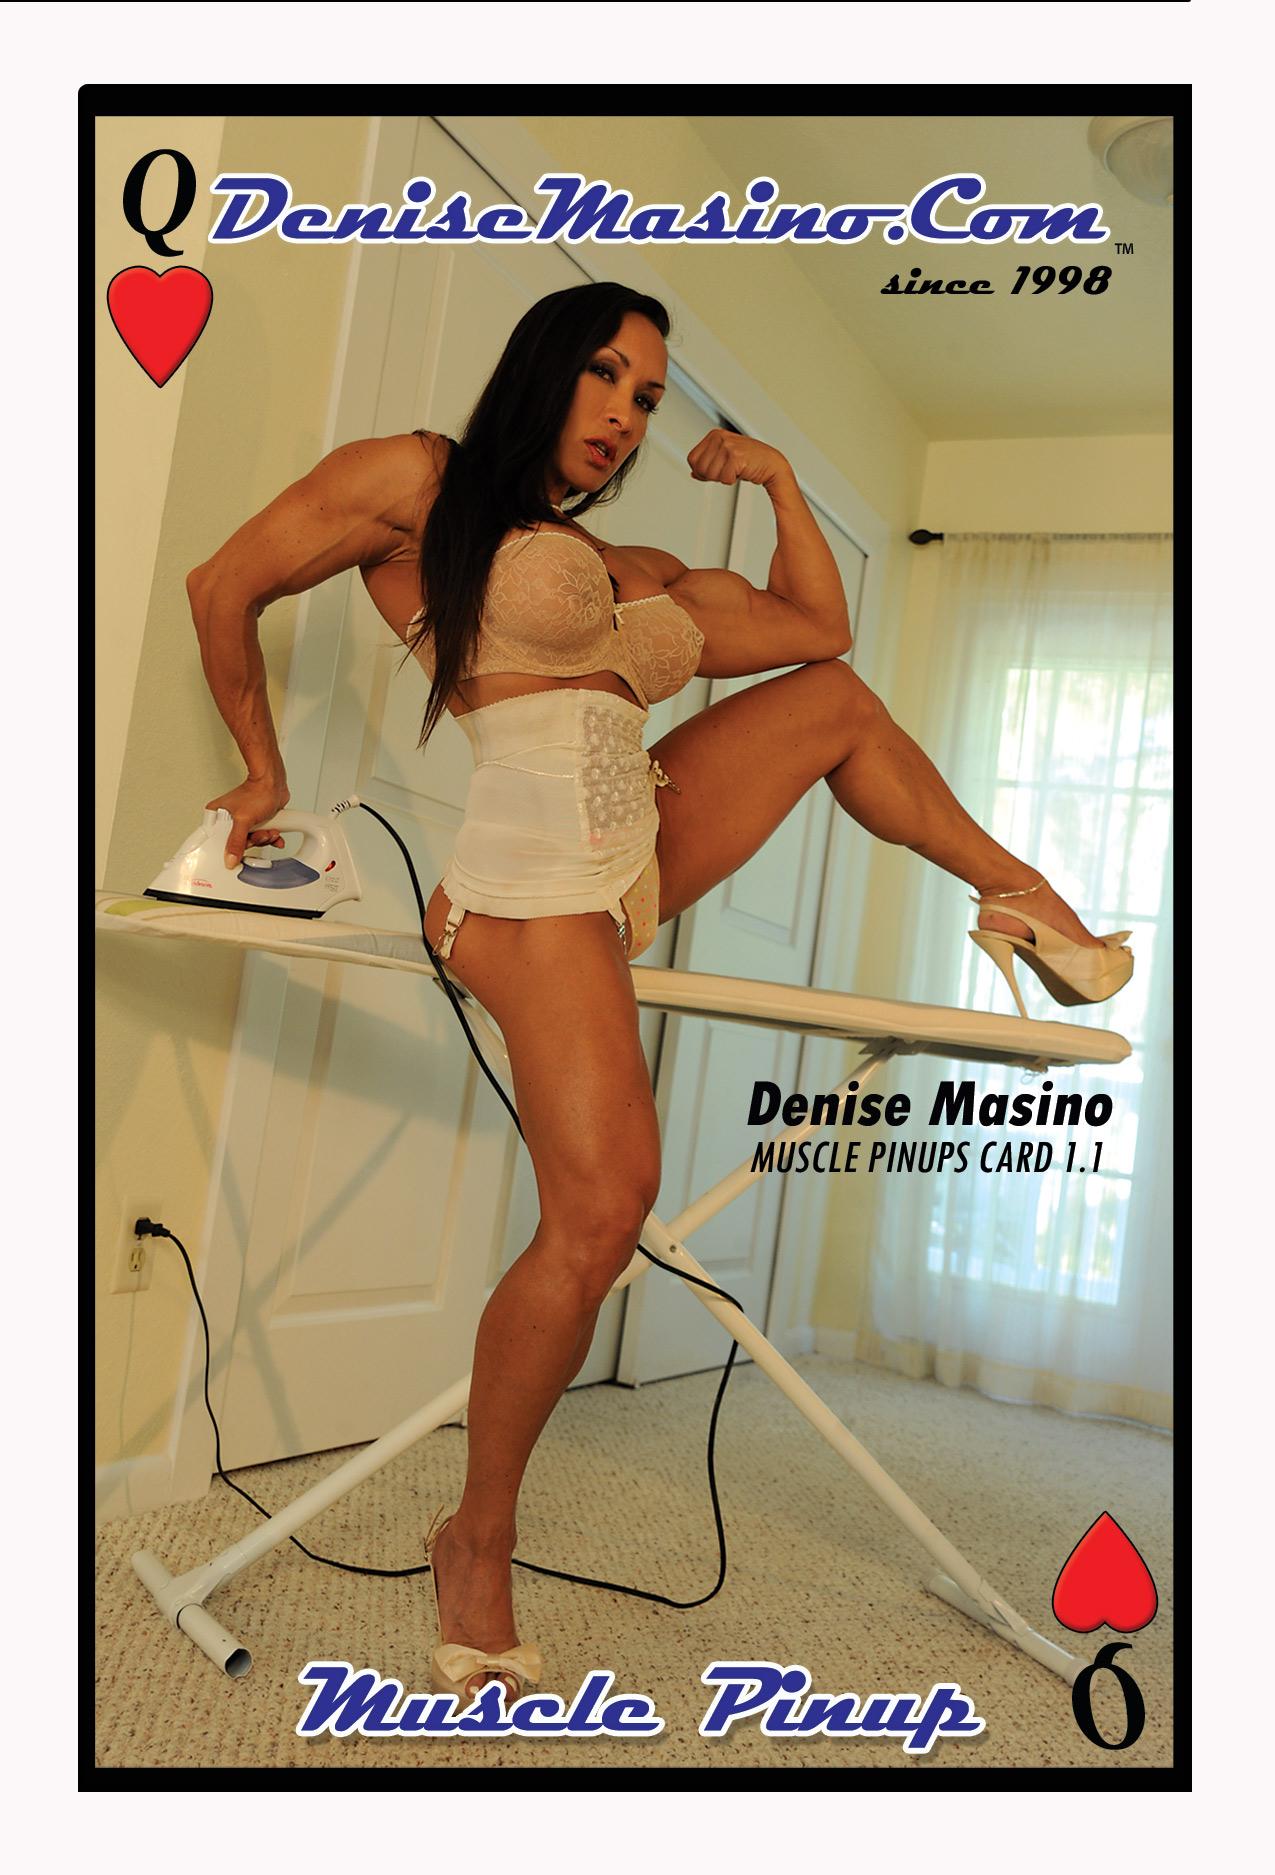 DeniseMasino_postcard_V3